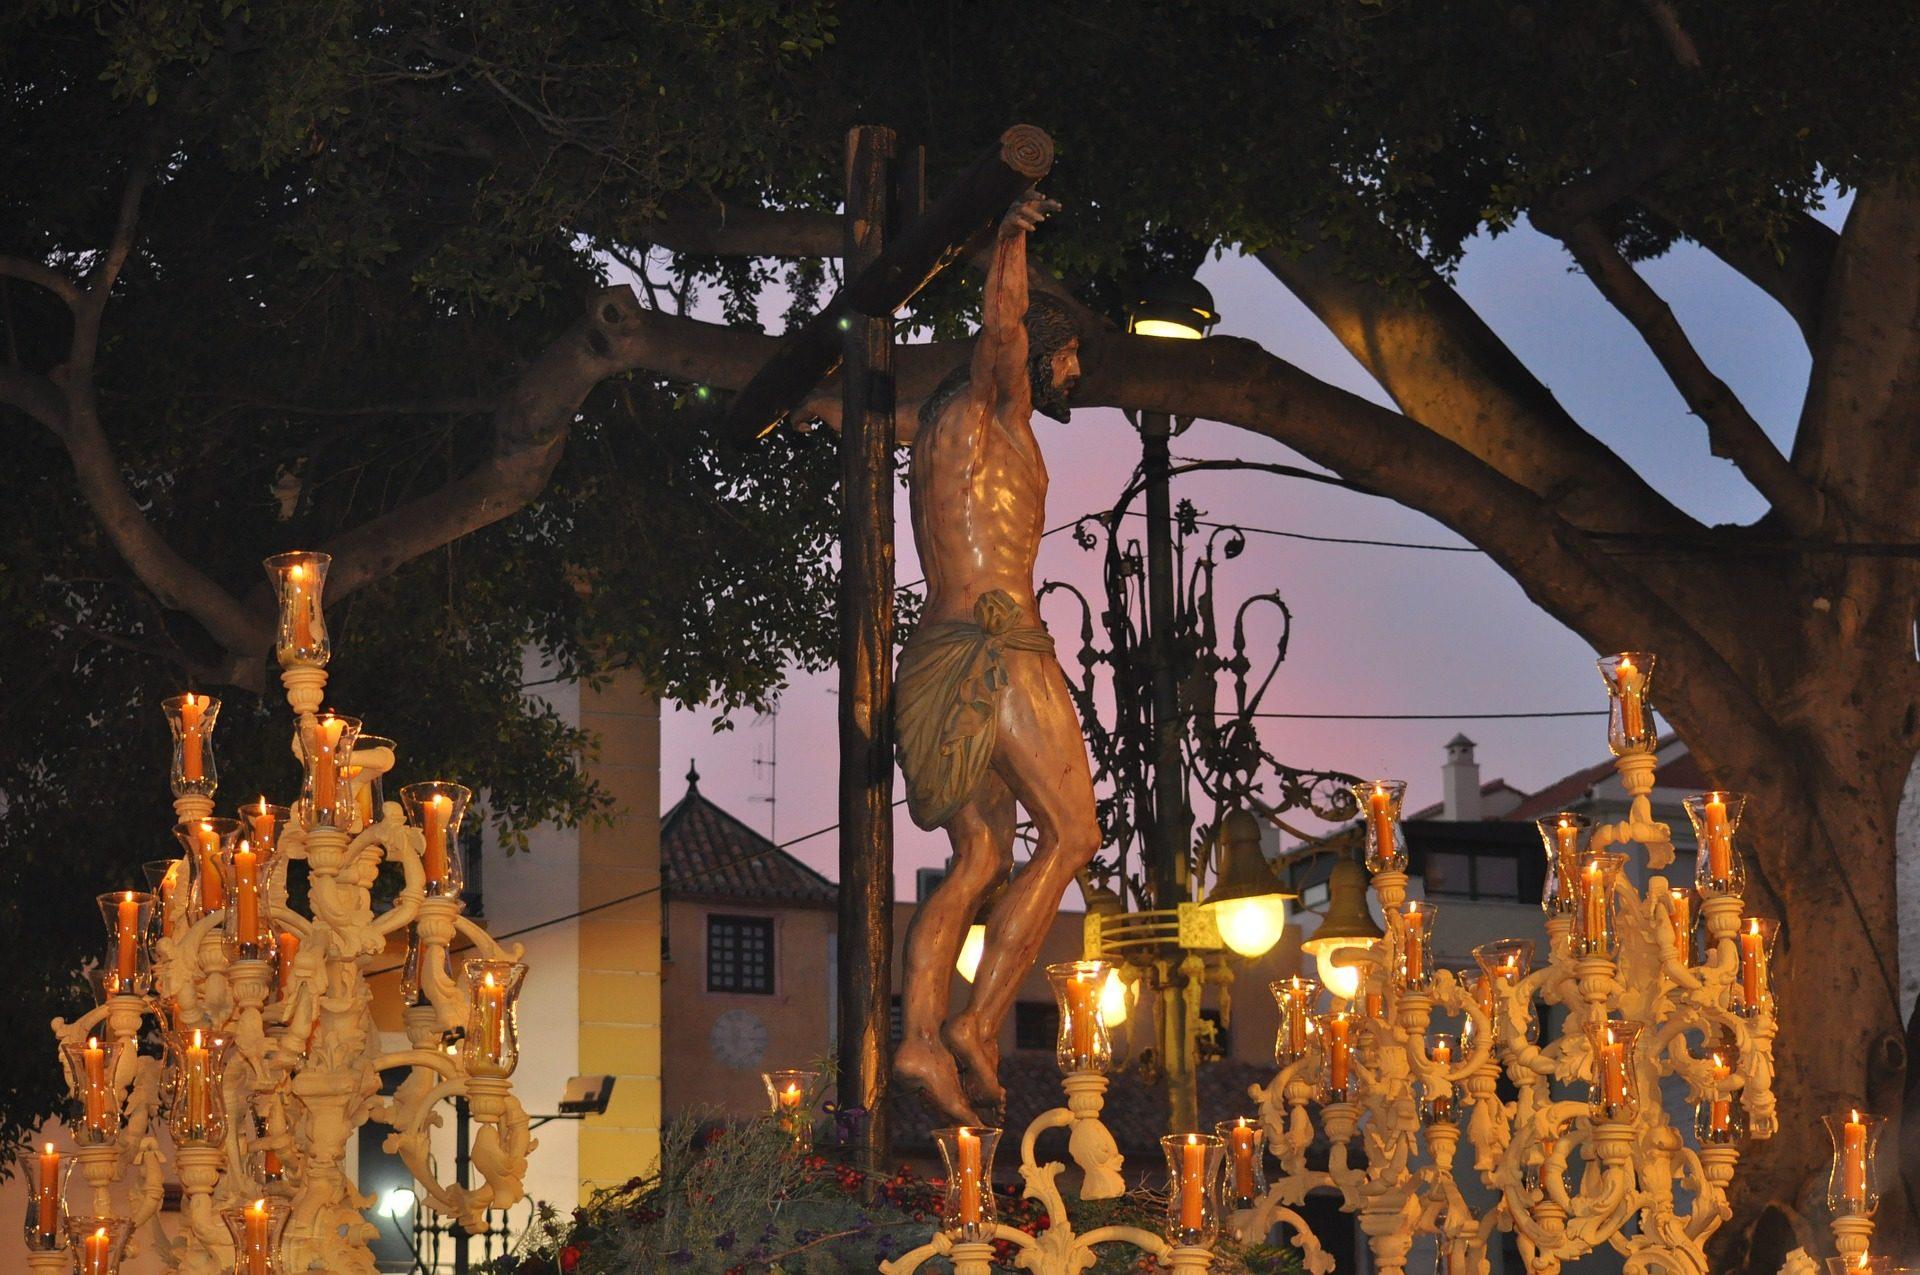 Pasqua, passo, processione, Cristo, Malaga, Spagna - Sfondi HD - Professor-falken.com